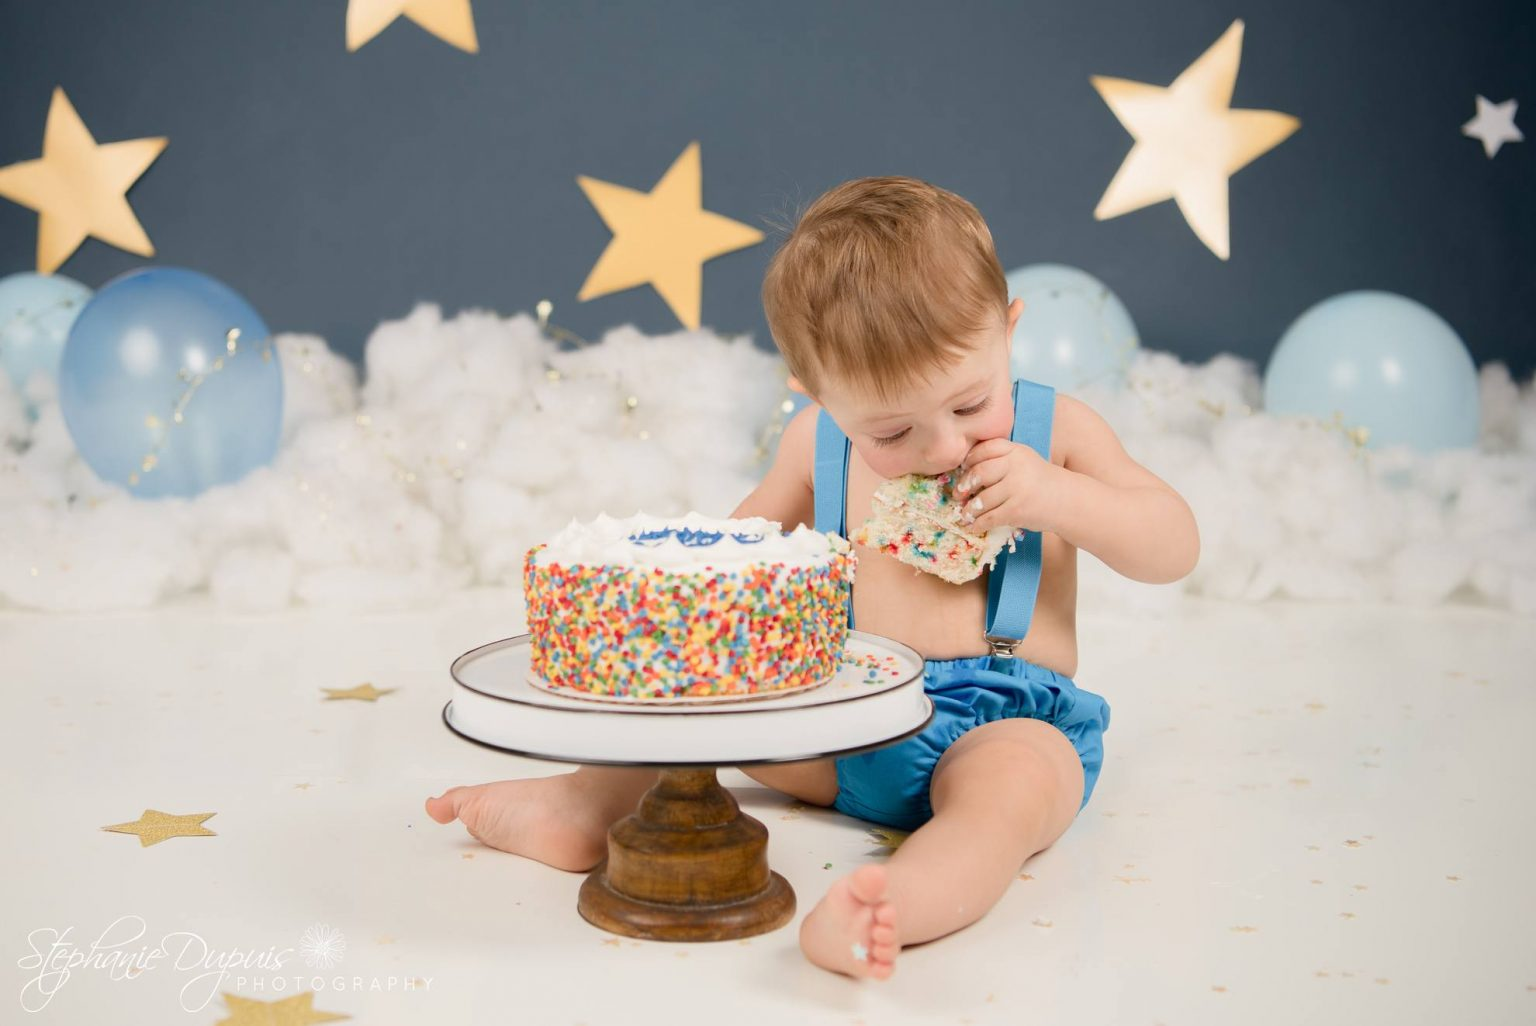 Bisson cake smash 3 1536x1026 - Portfolio: Gannon Cake Smash